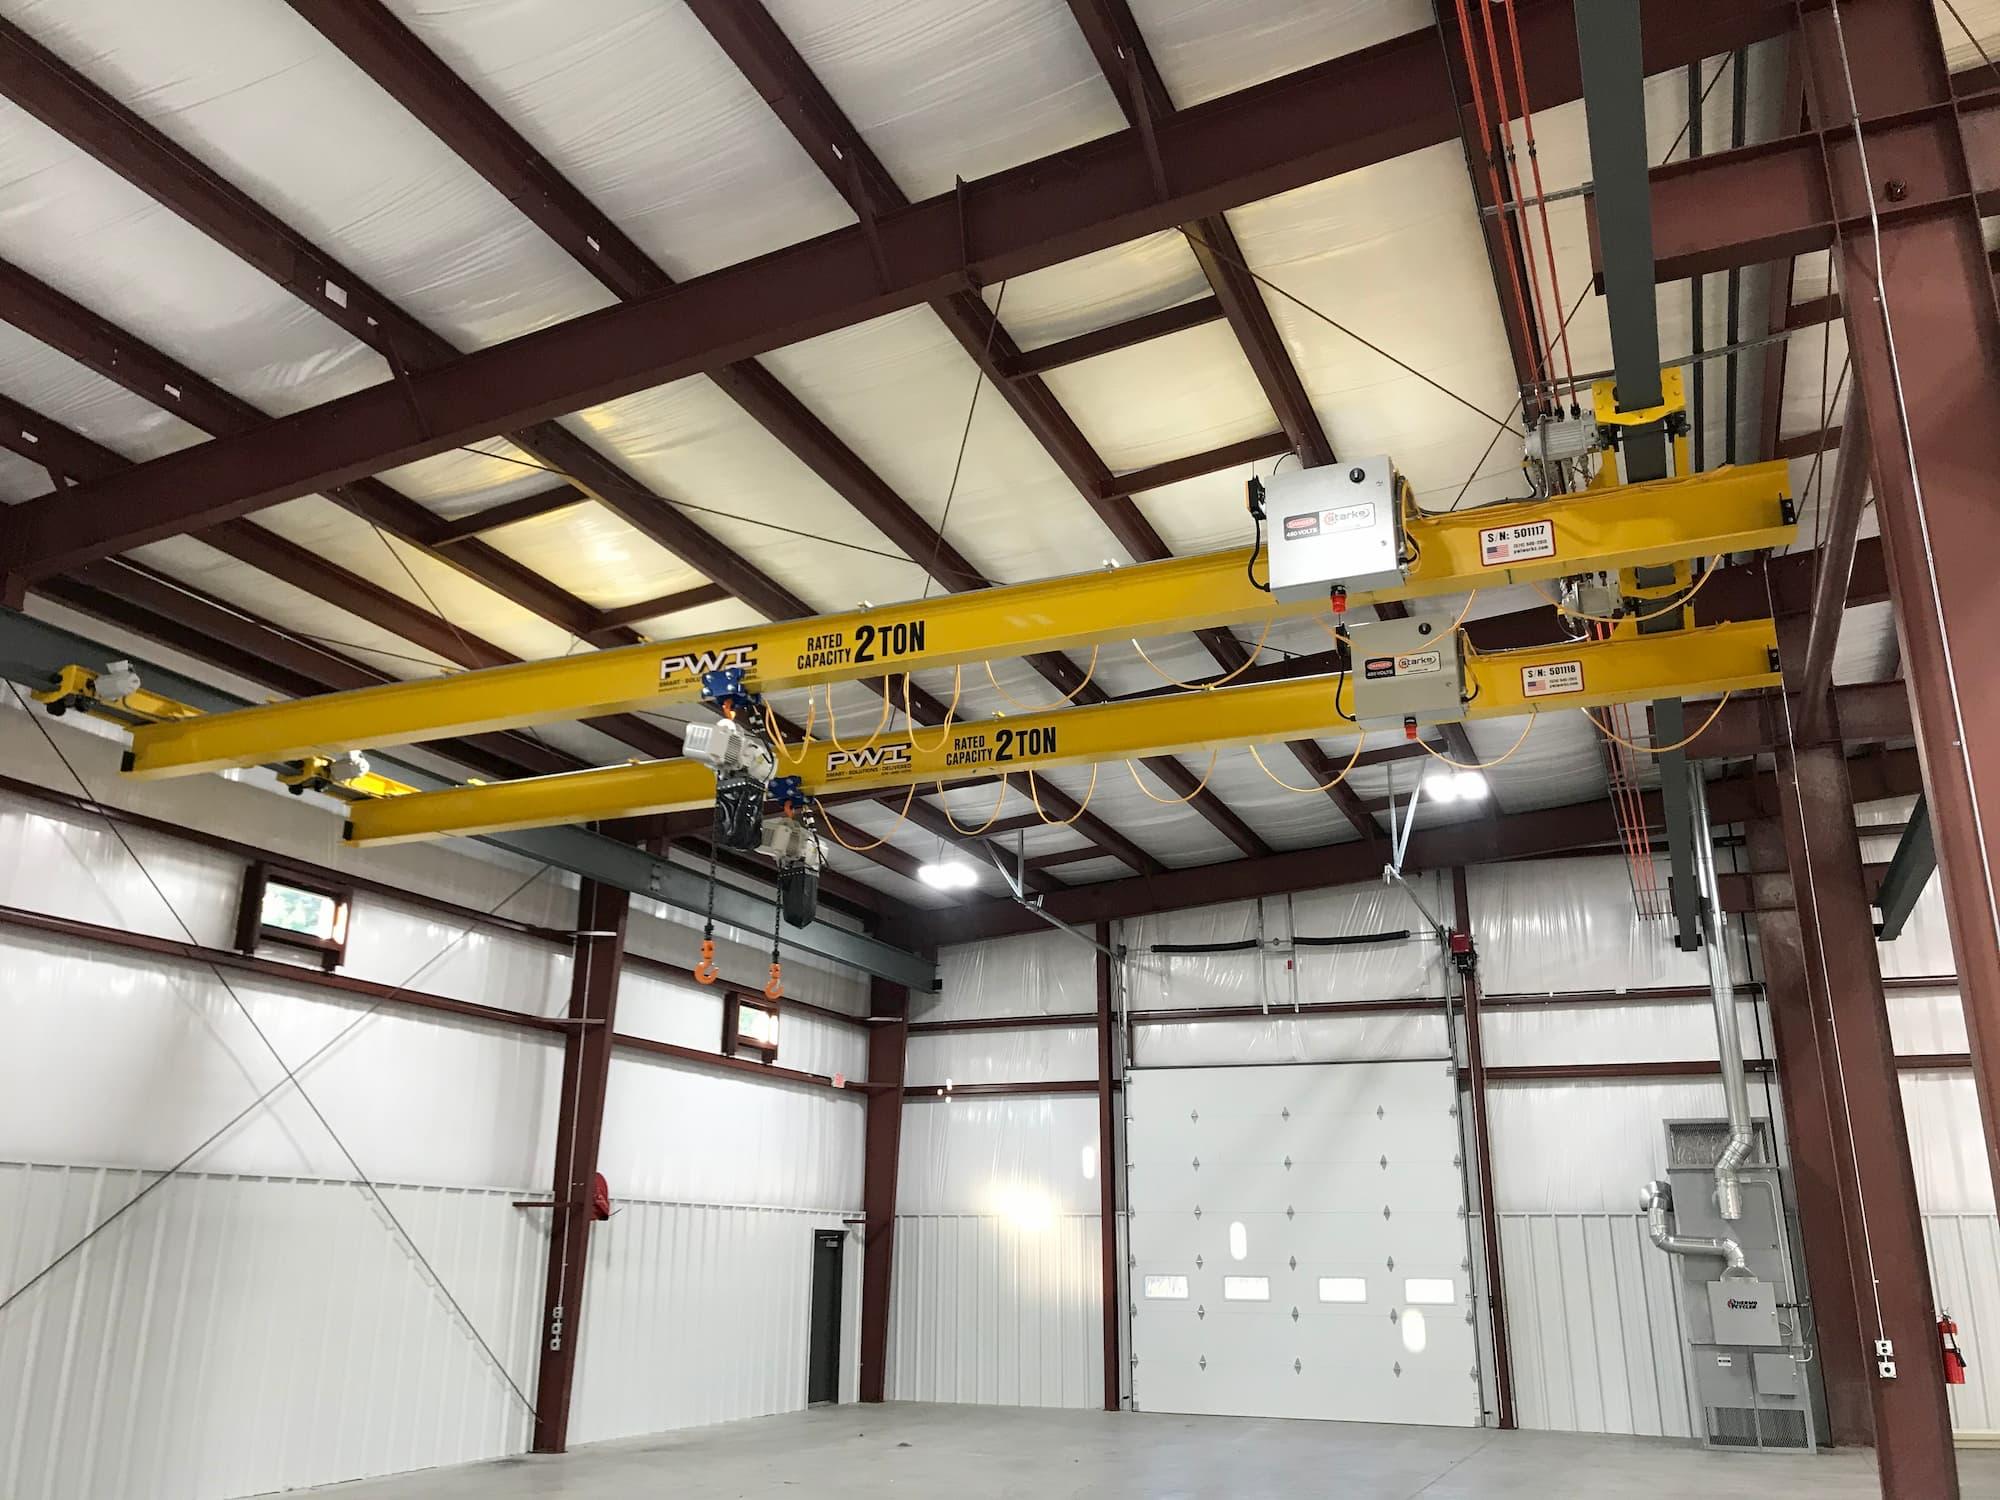 2 Ton Overhead Bridge Cranes